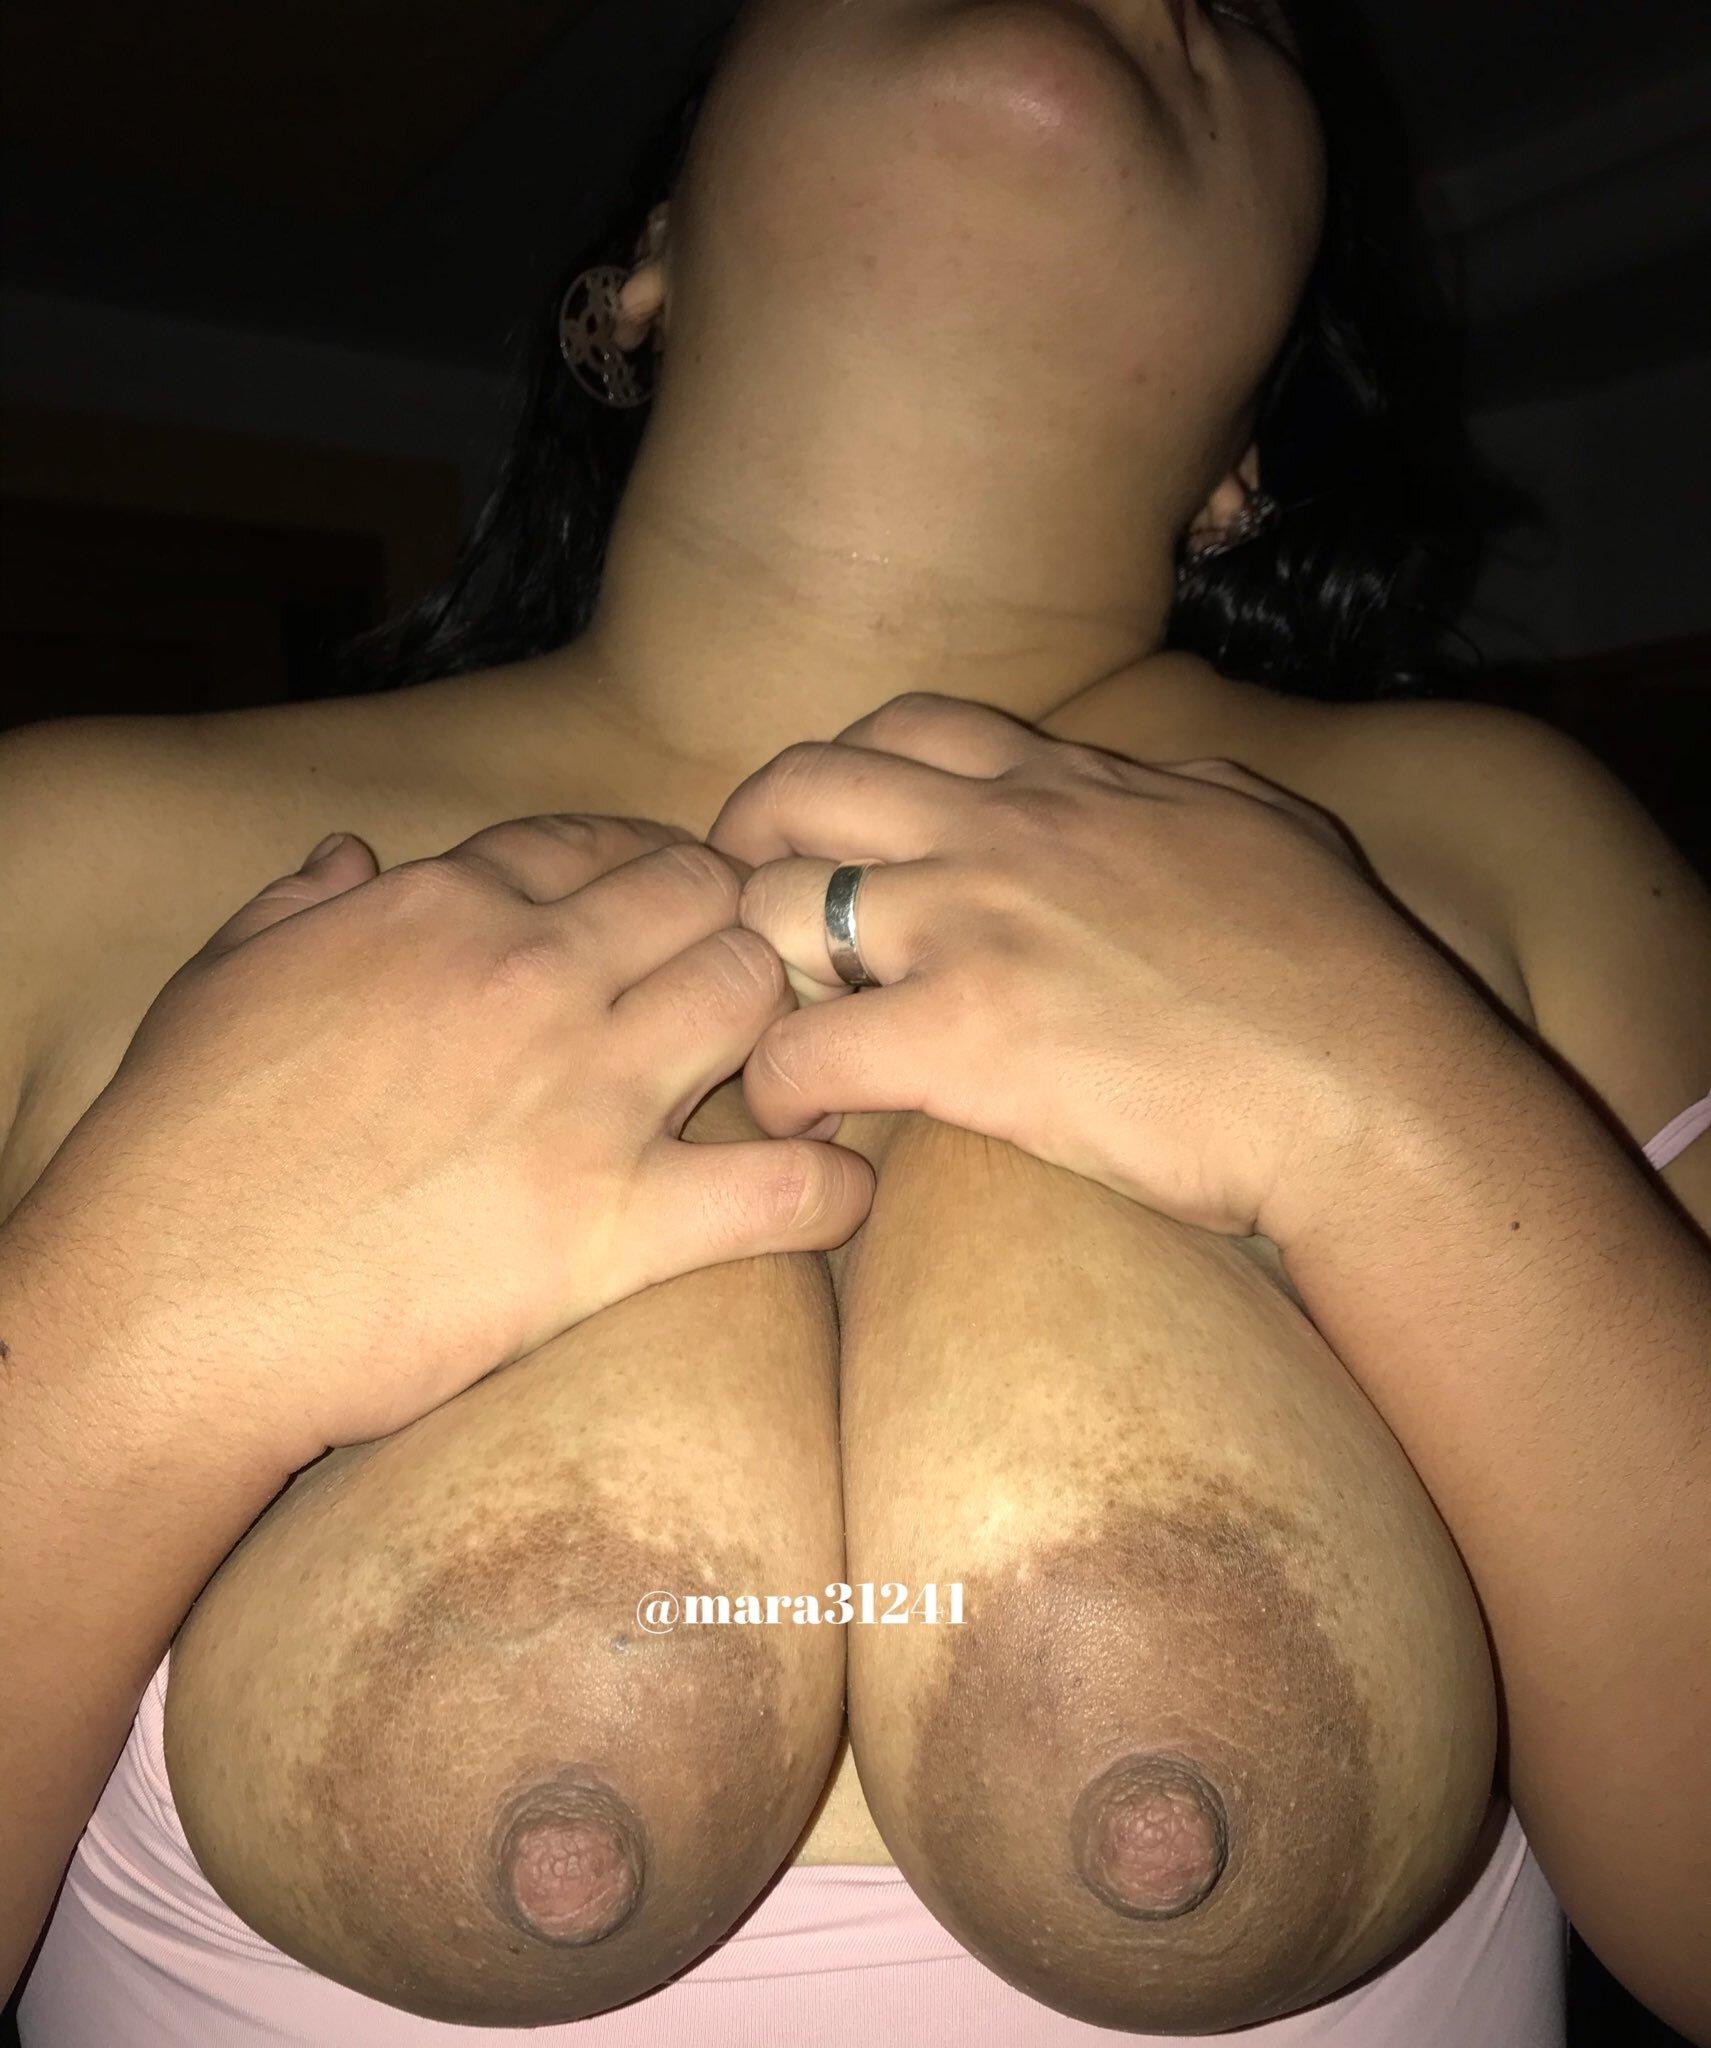 fotos mujeres cachondas biscando pollas grandes 12